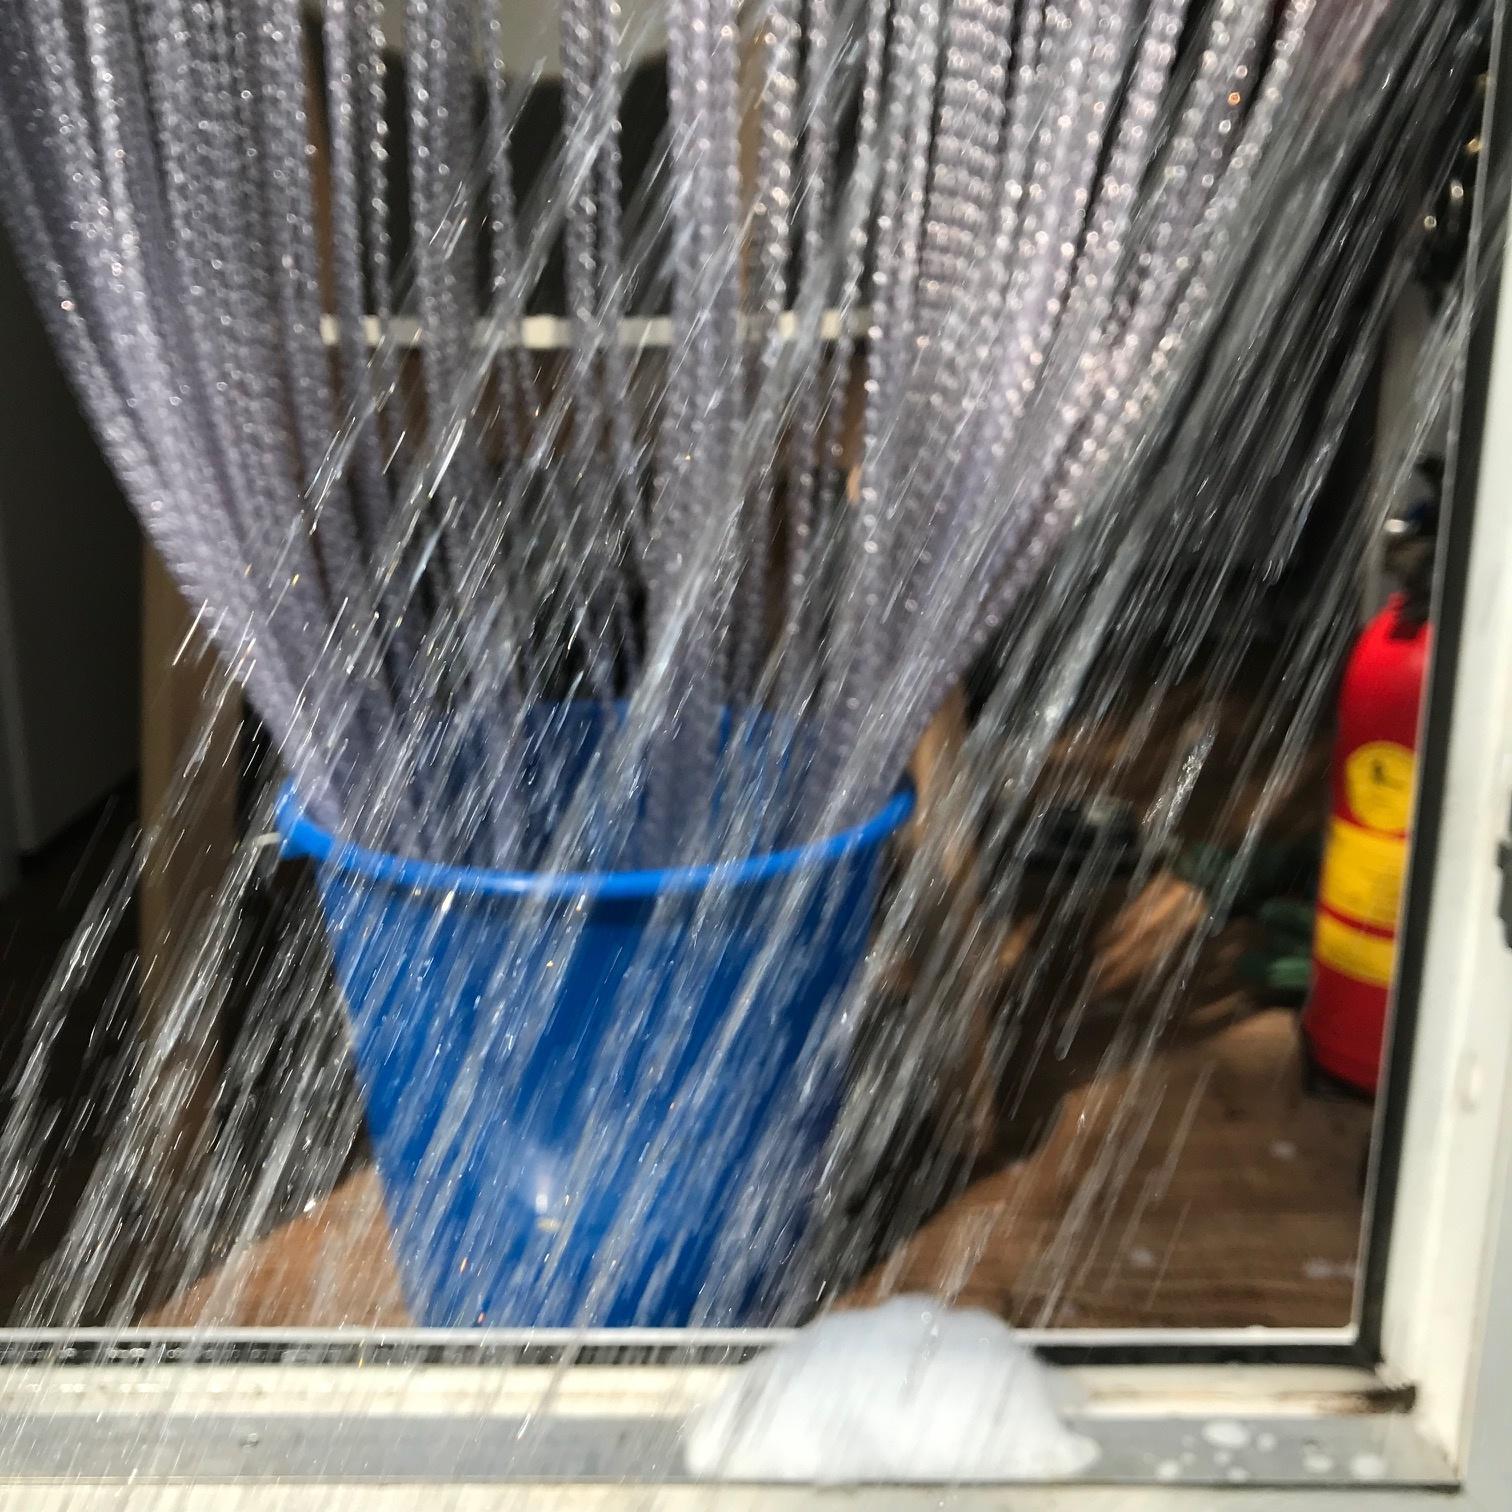 Alaska pvc vliegengordijn schoonmaken afspoelen